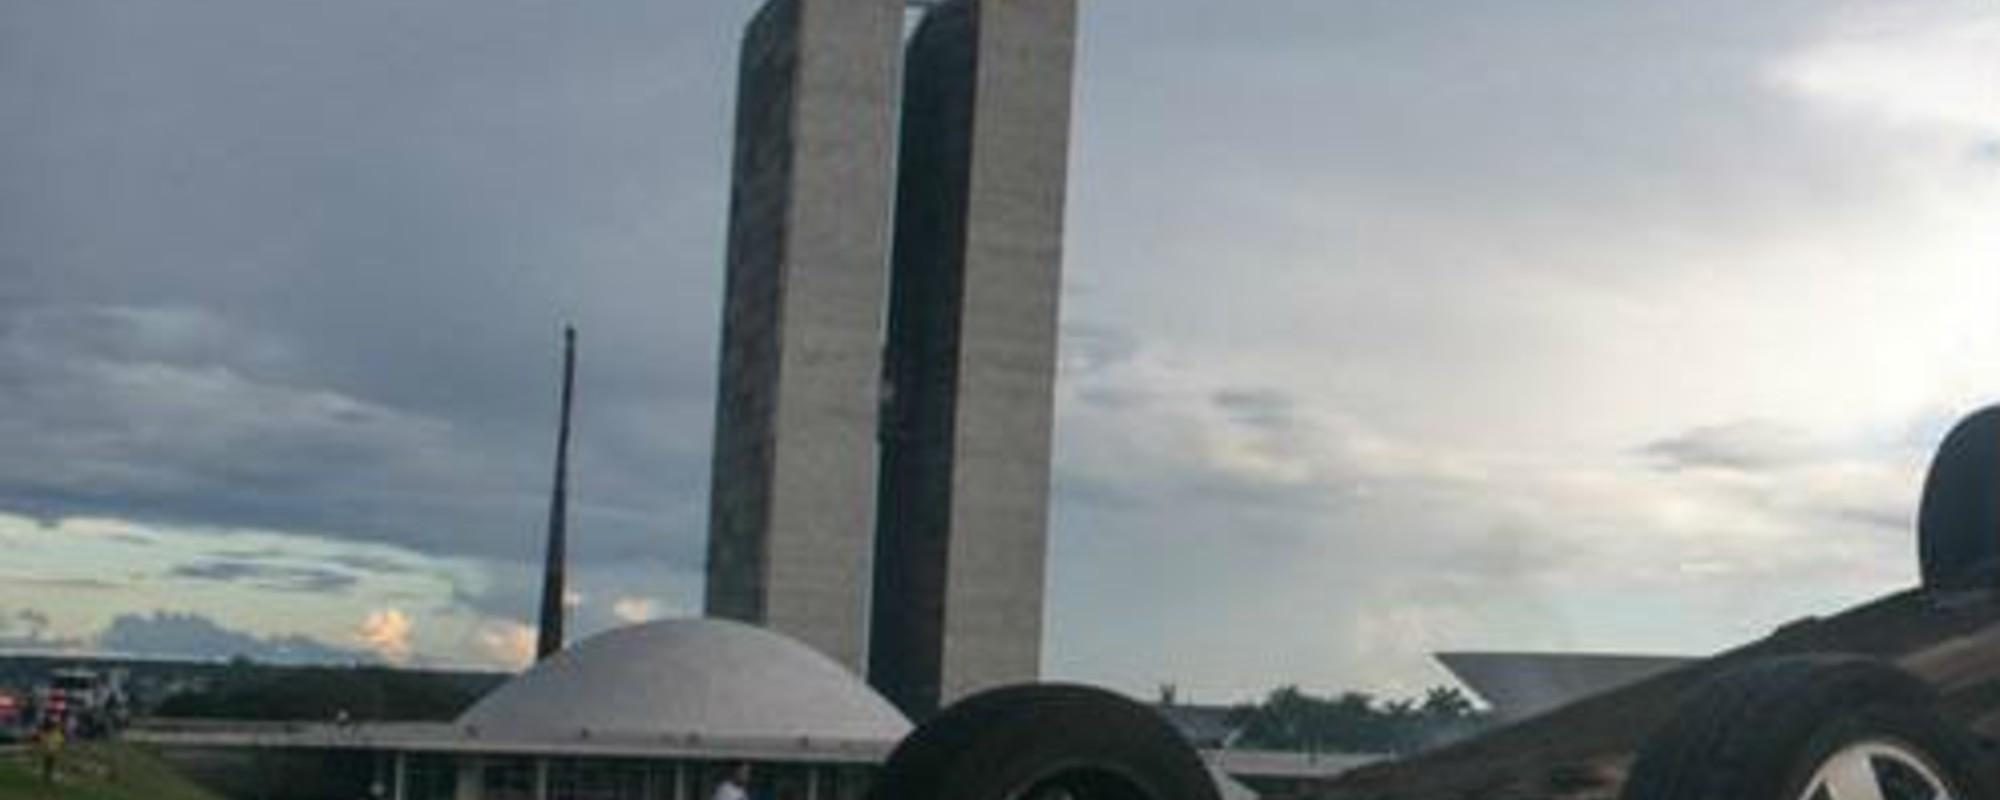 Imagens do protesto em Brasília contra a PEC 55